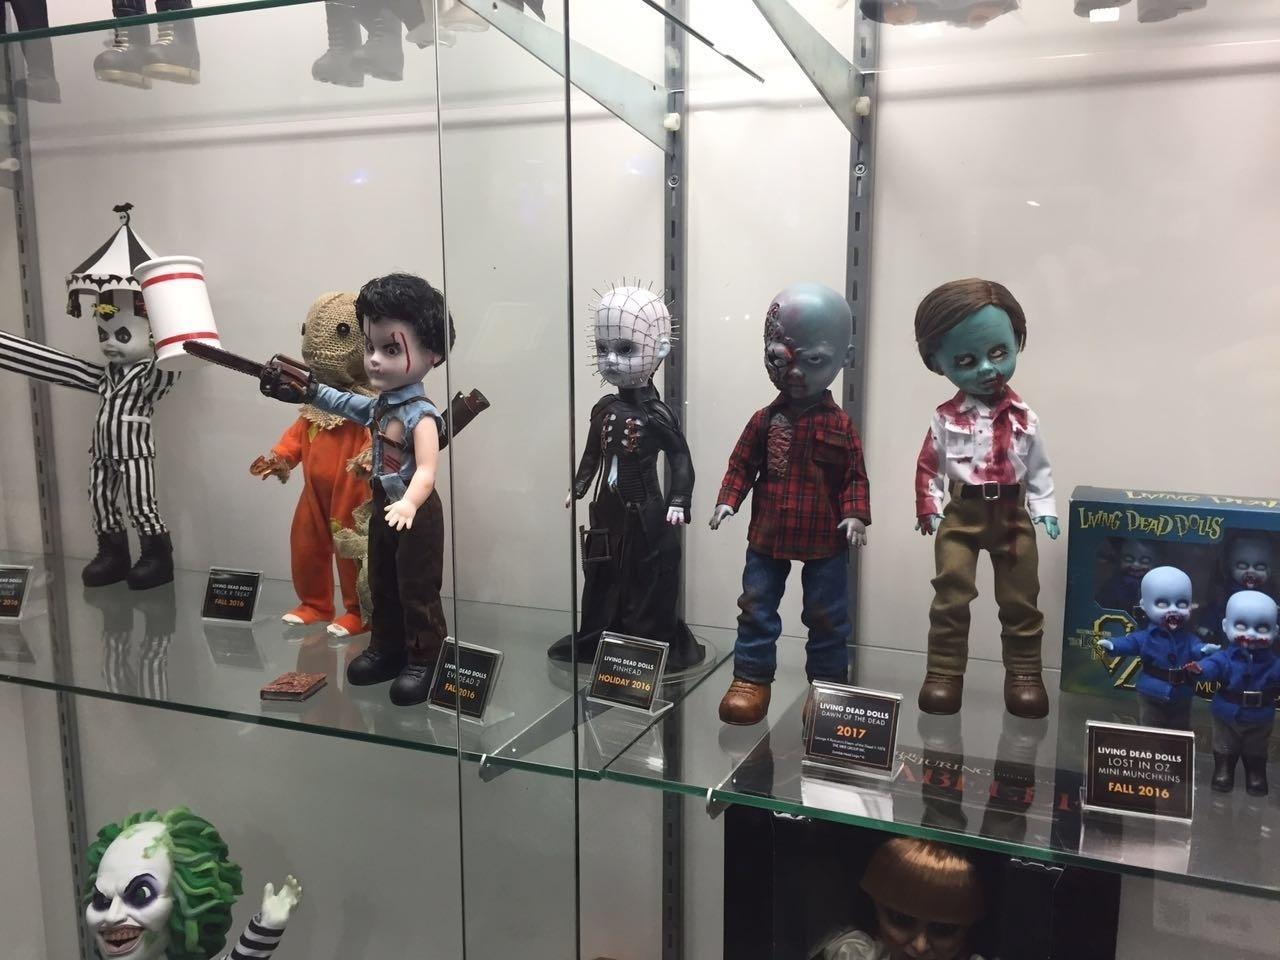 Alguns personagens clássicos do cinema, como Pinhead, viraram bonecas nada amigáveis e foram exibidas na San Diego Comic-Con 2016